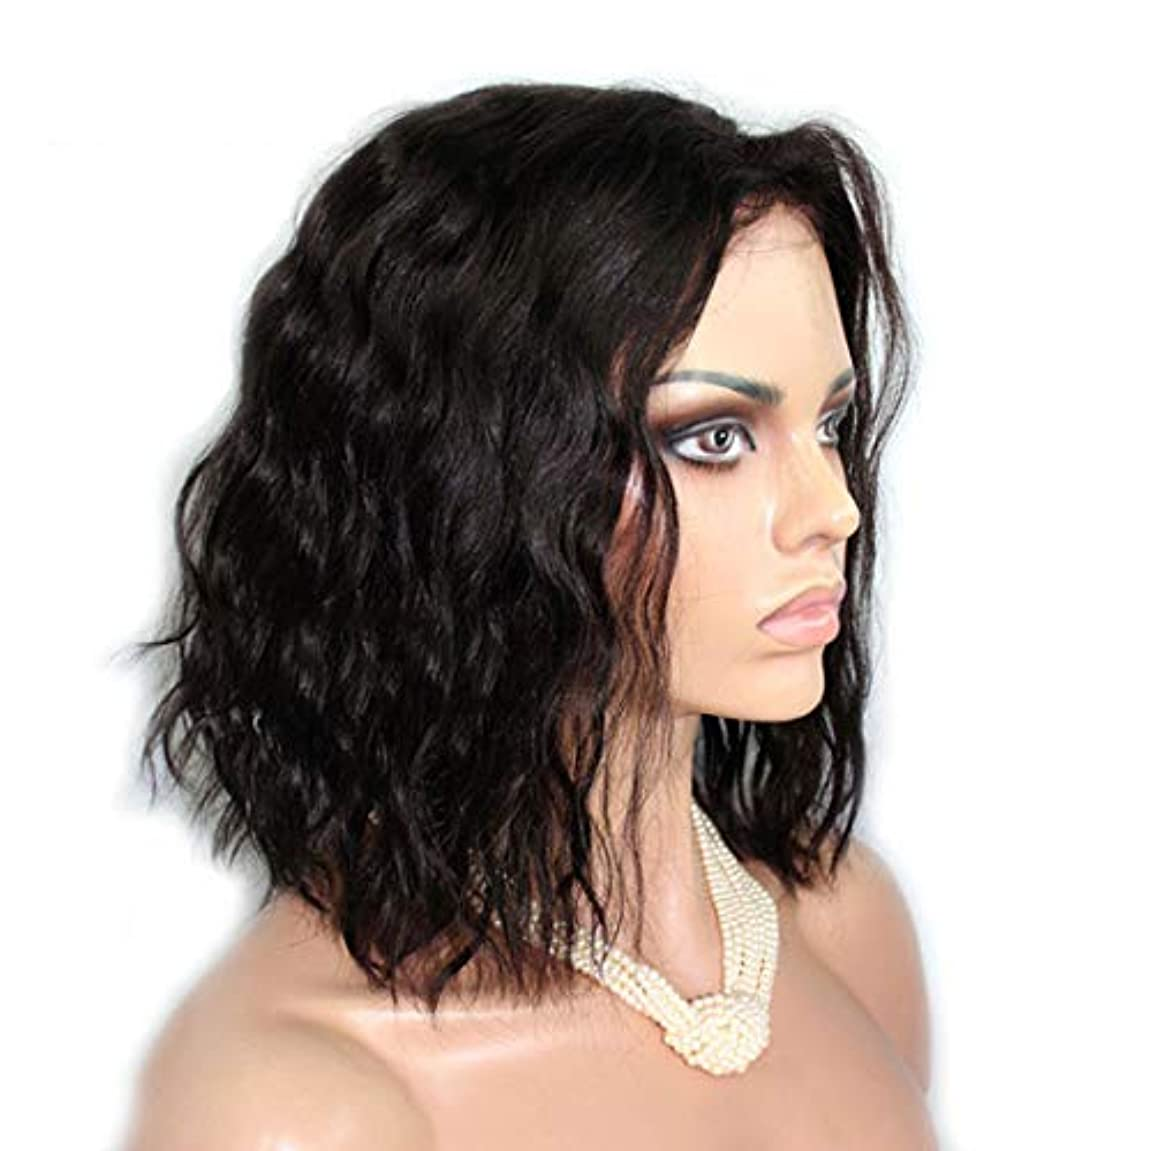 アクセルポイント発火するYOUQIU ヨーロッパとアメリカの女性のフロントレースの化学繊維の短い巻き毛のかつらメーカーは卸売ウィッグを見つけかつらイーベイ新製品爆発 (色 : 写真の通り)